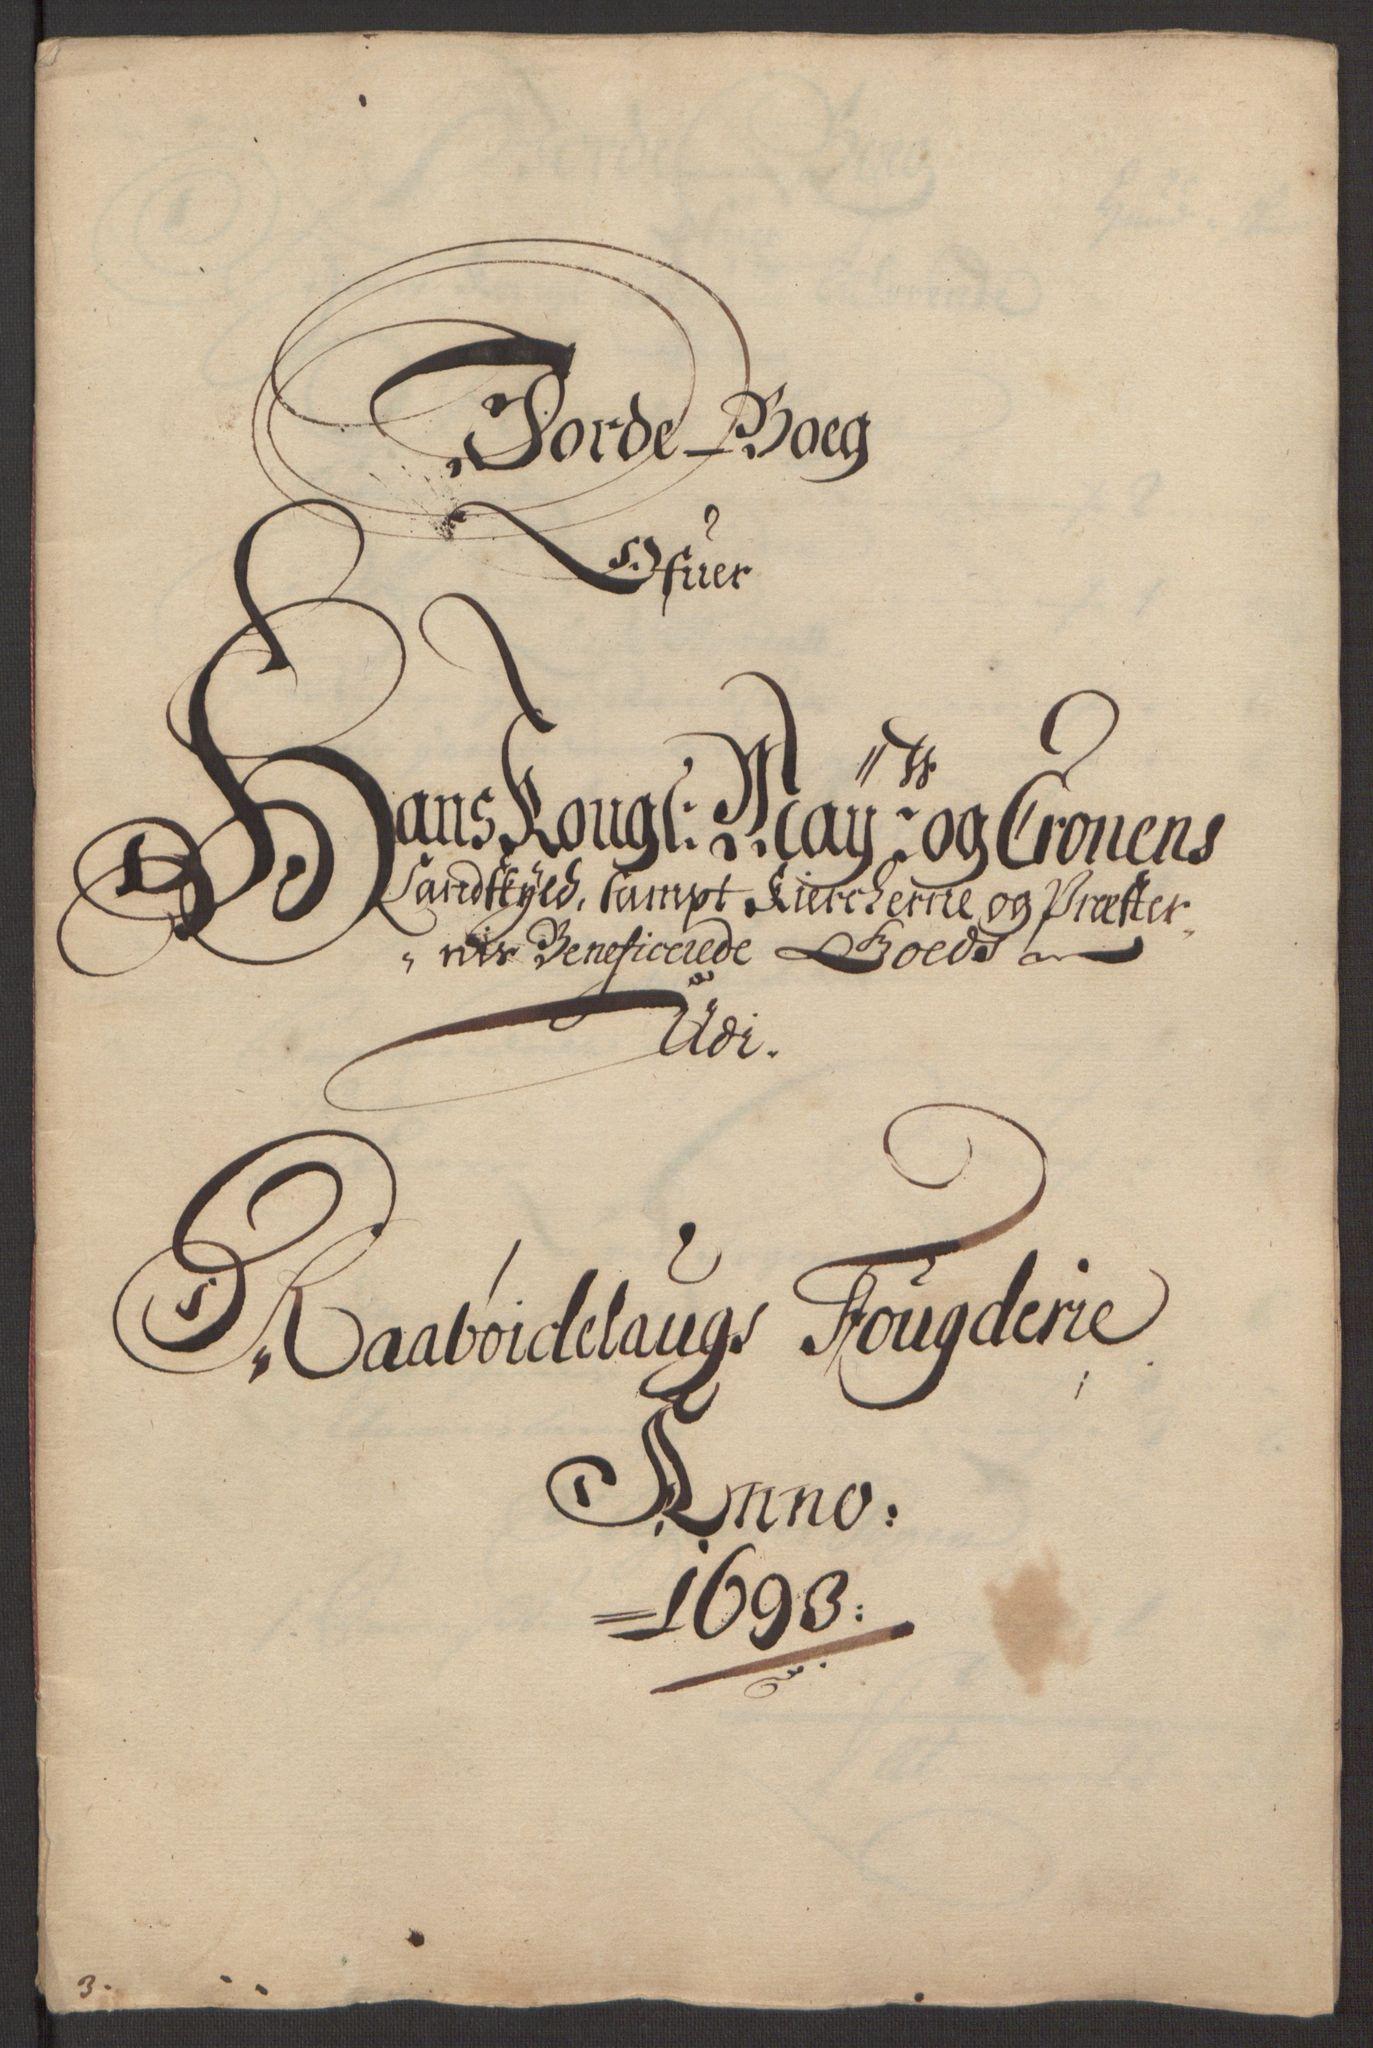 RA, Rentekammeret inntil 1814, Reviderte regnskaper, Fogderegnskap, R40/L2444: Fogderegnskap Råbyggelag, 1693-1696, s. 11